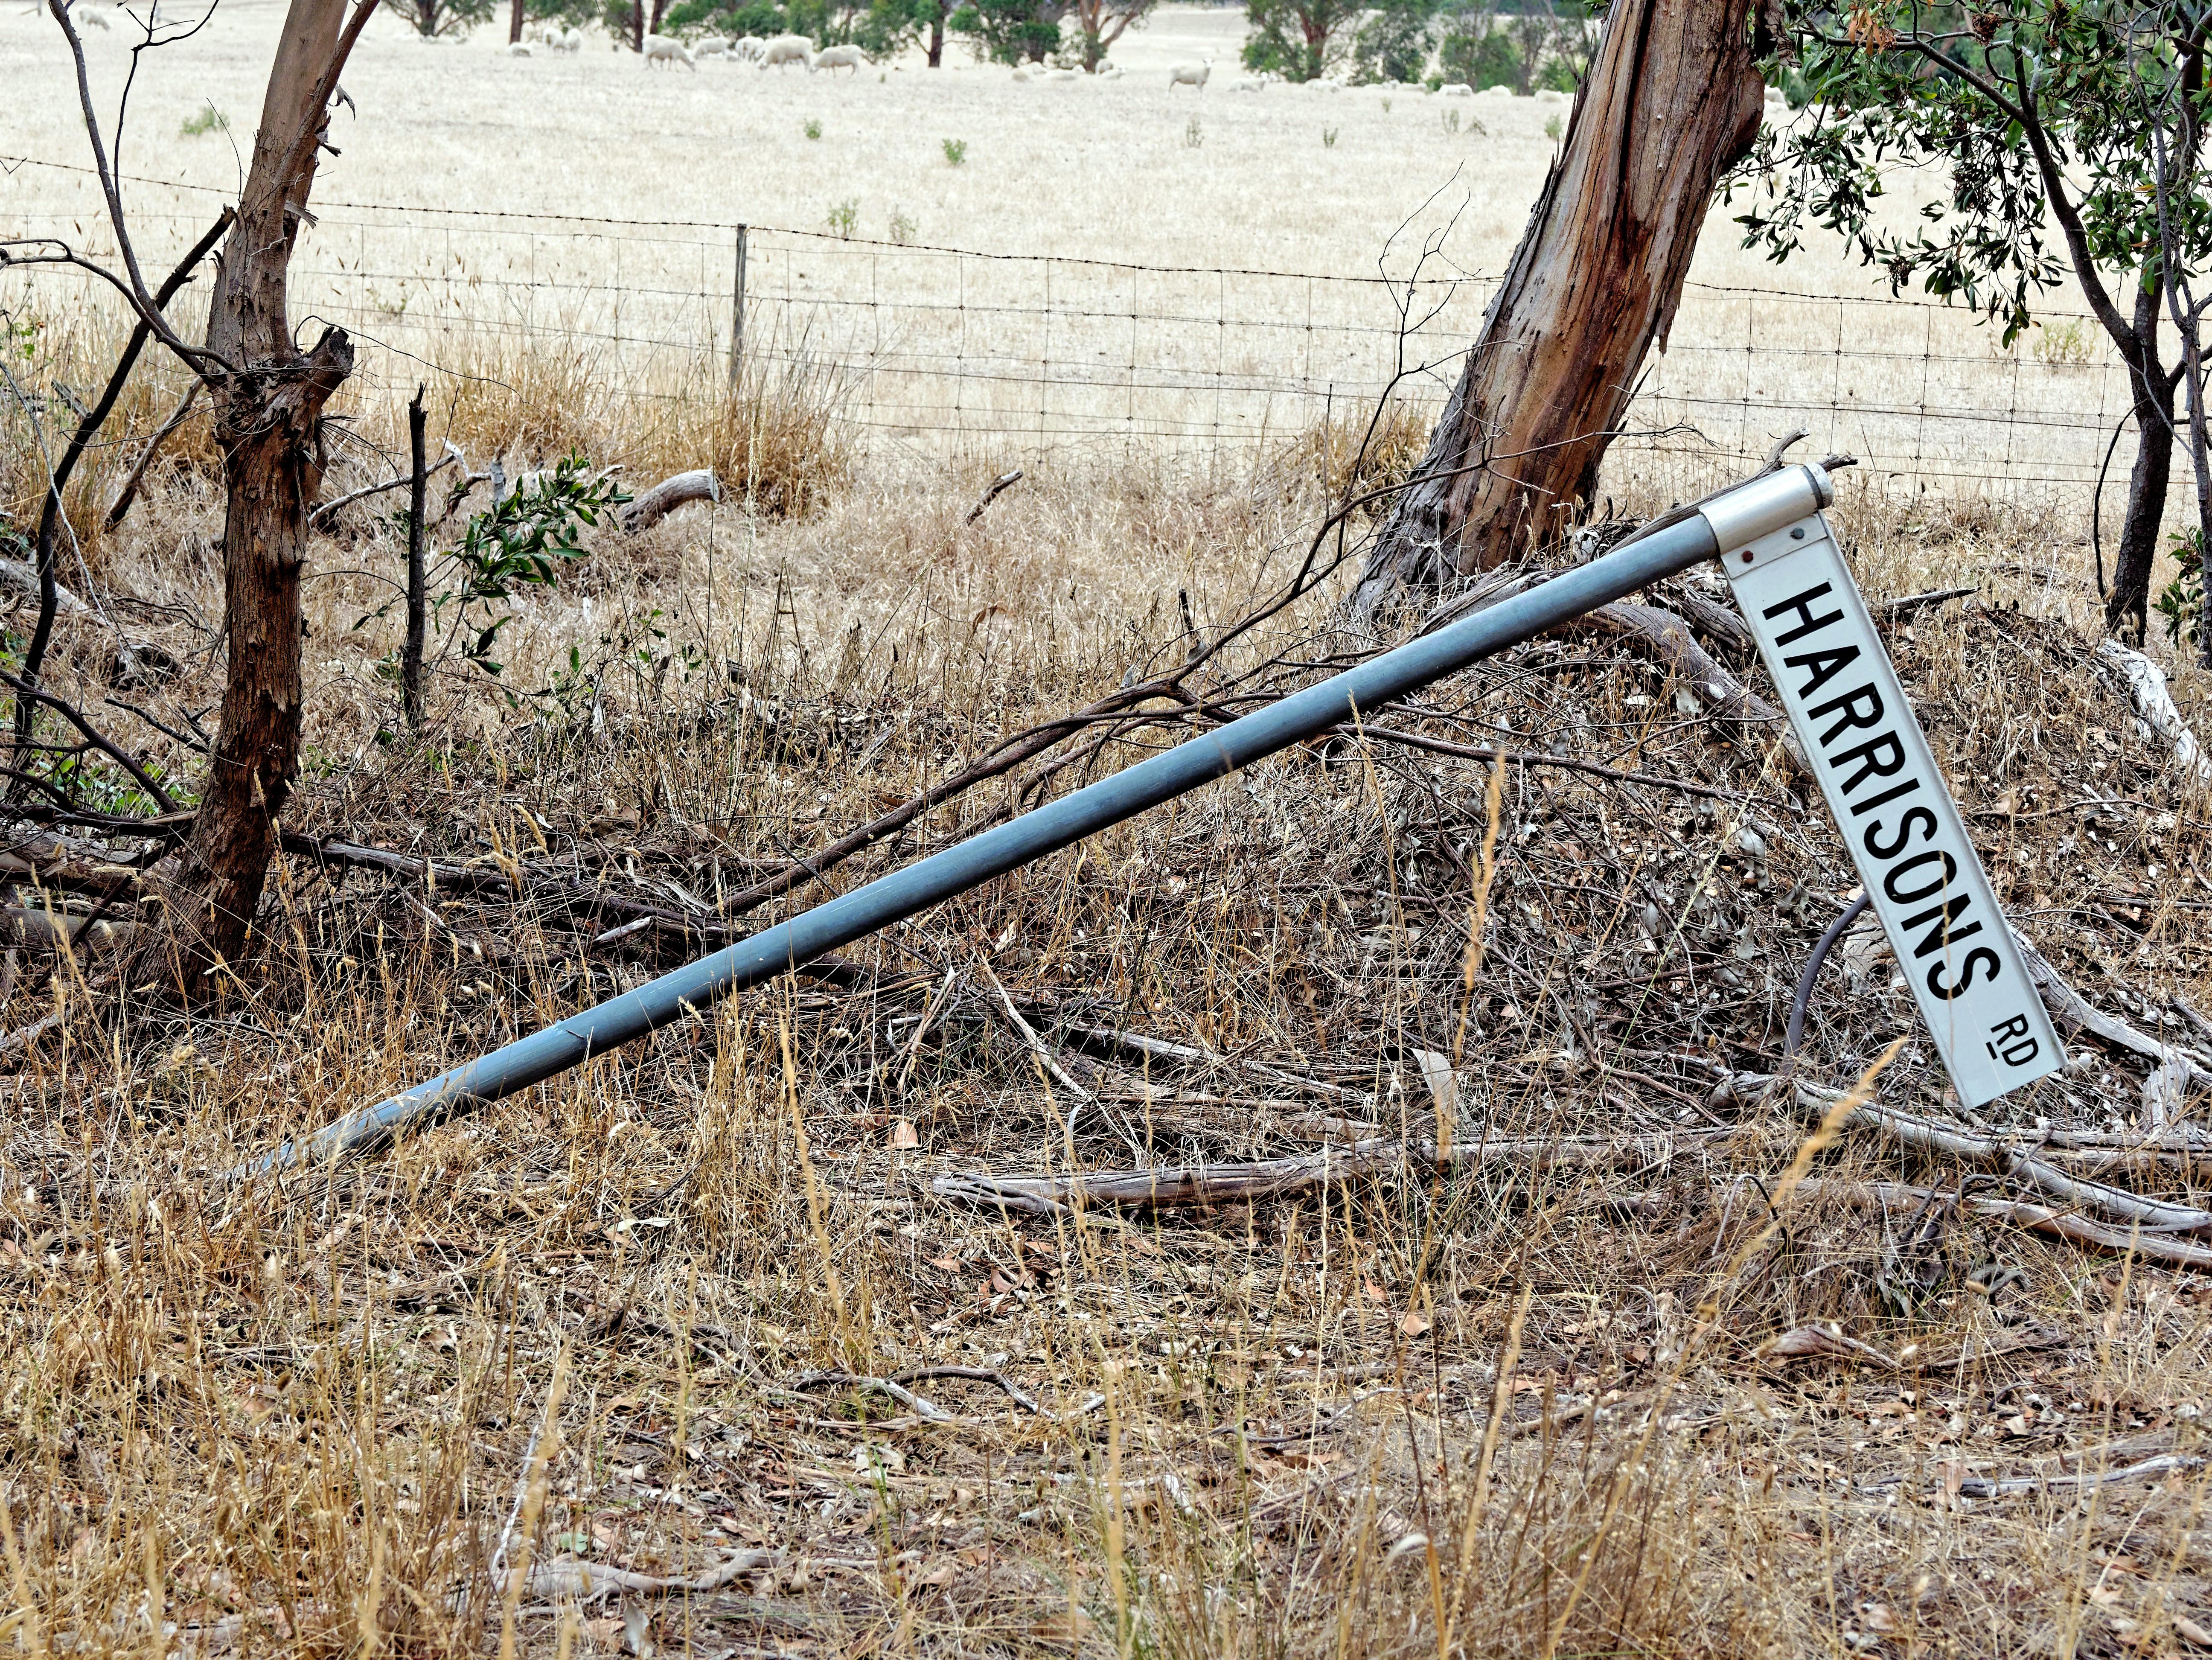 Road-sign.jpeg